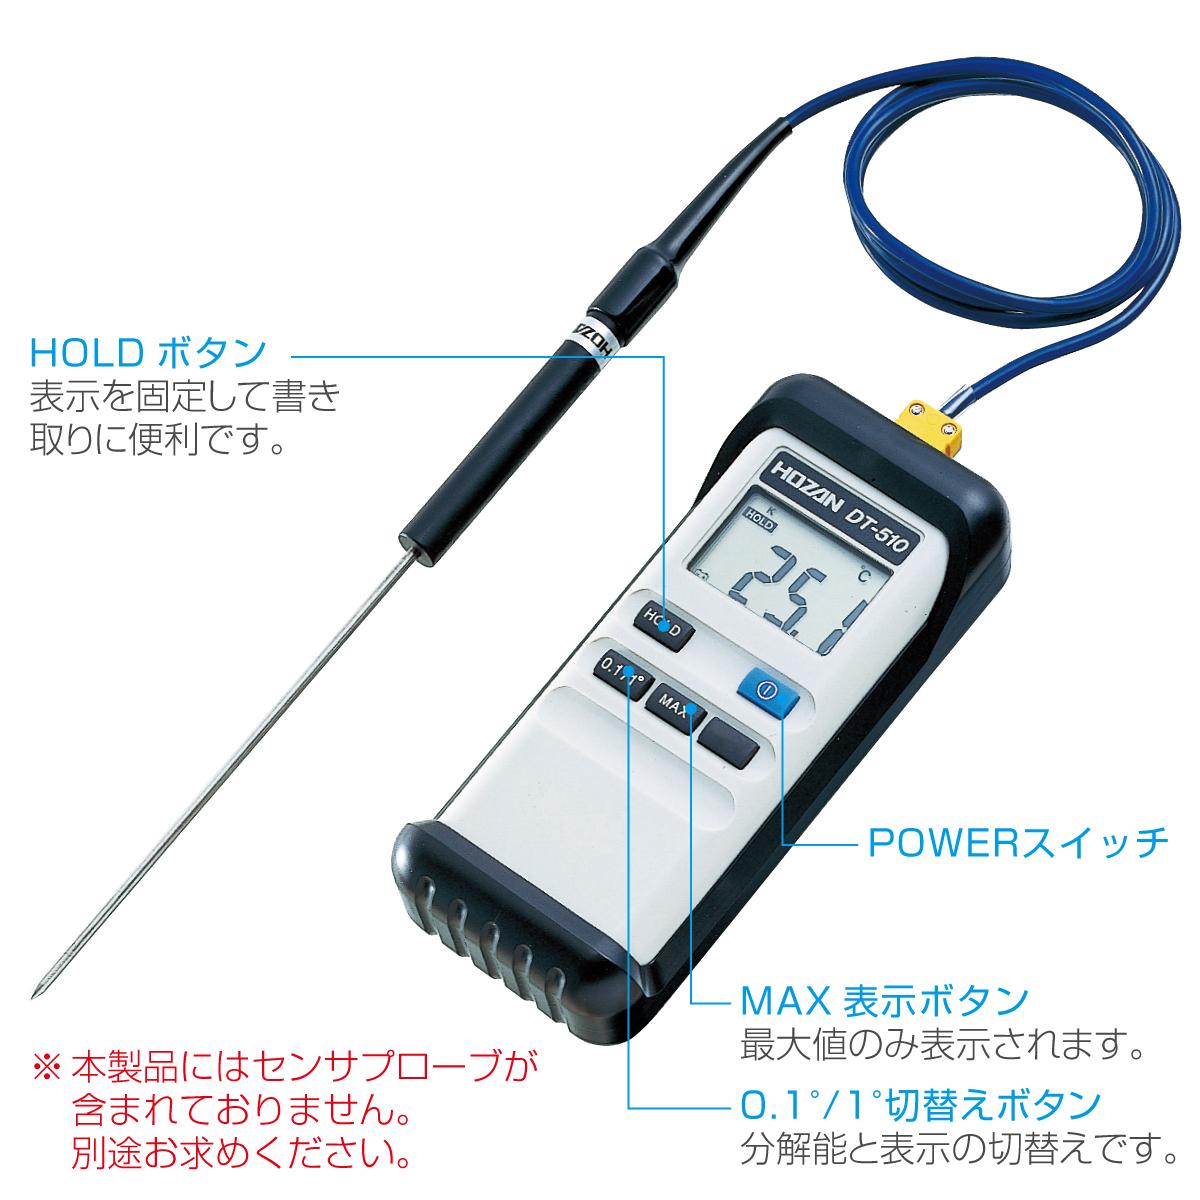 ホーザン デジタル温度計 DT-510-TA (校正証明書付)